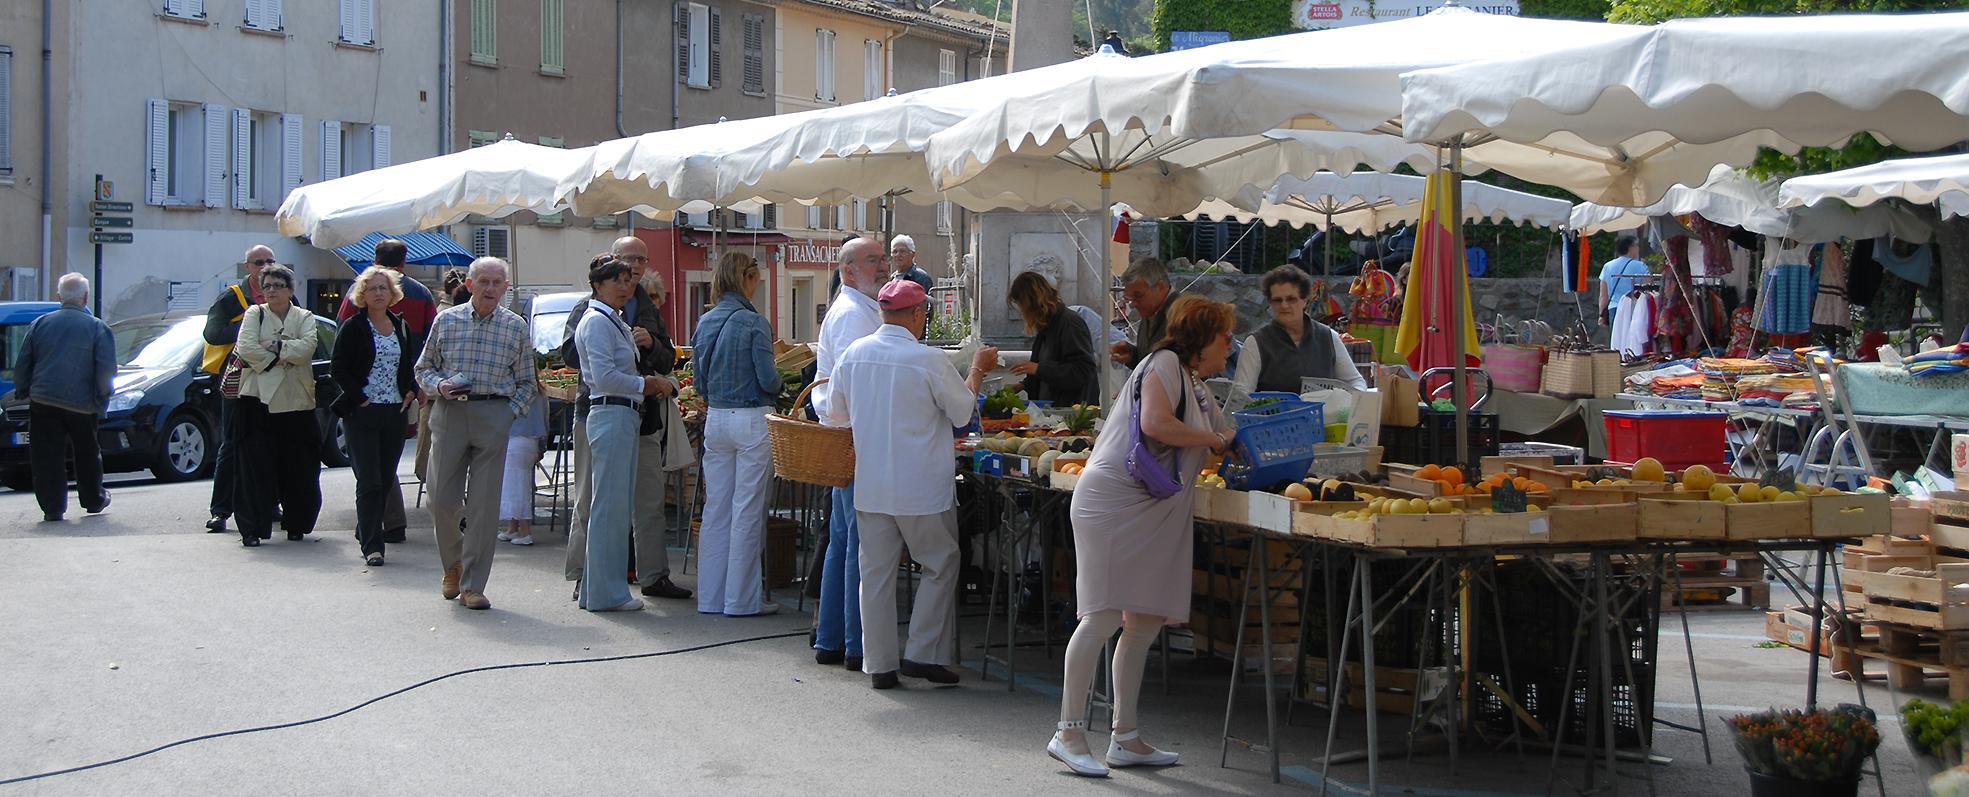 Markt-Ruoms